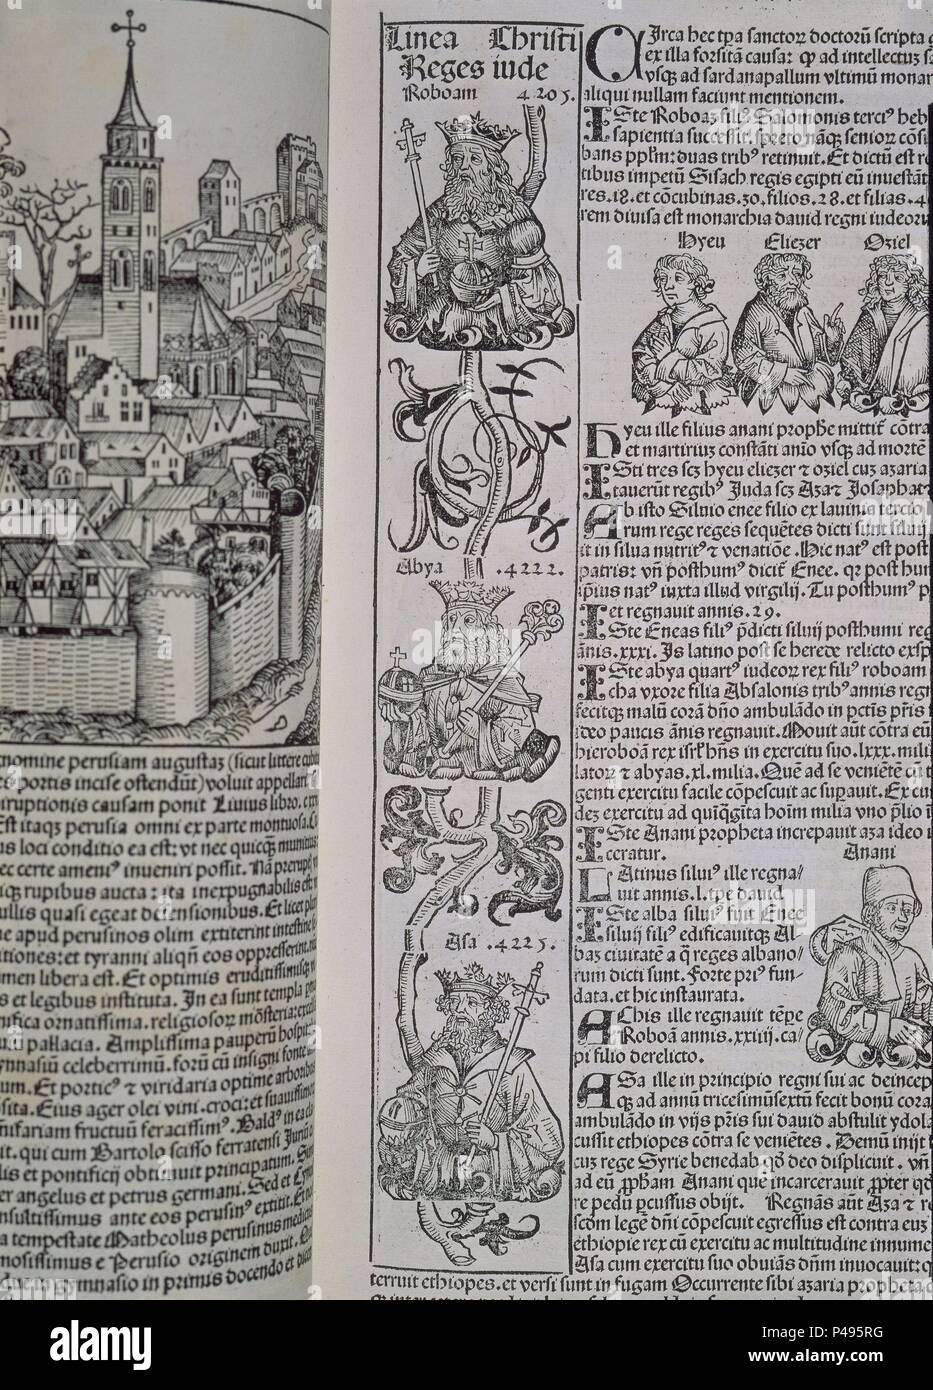 PAGINA DEL LIBER CHRONICARUM - IMPRESO EN 1493 - INCUNABLE. Author: Hartmann Schedel (1440-1514). Location: SENADO-BIBLIOTECA-COLECCION, MADRID, SPAIN. - Stock Image